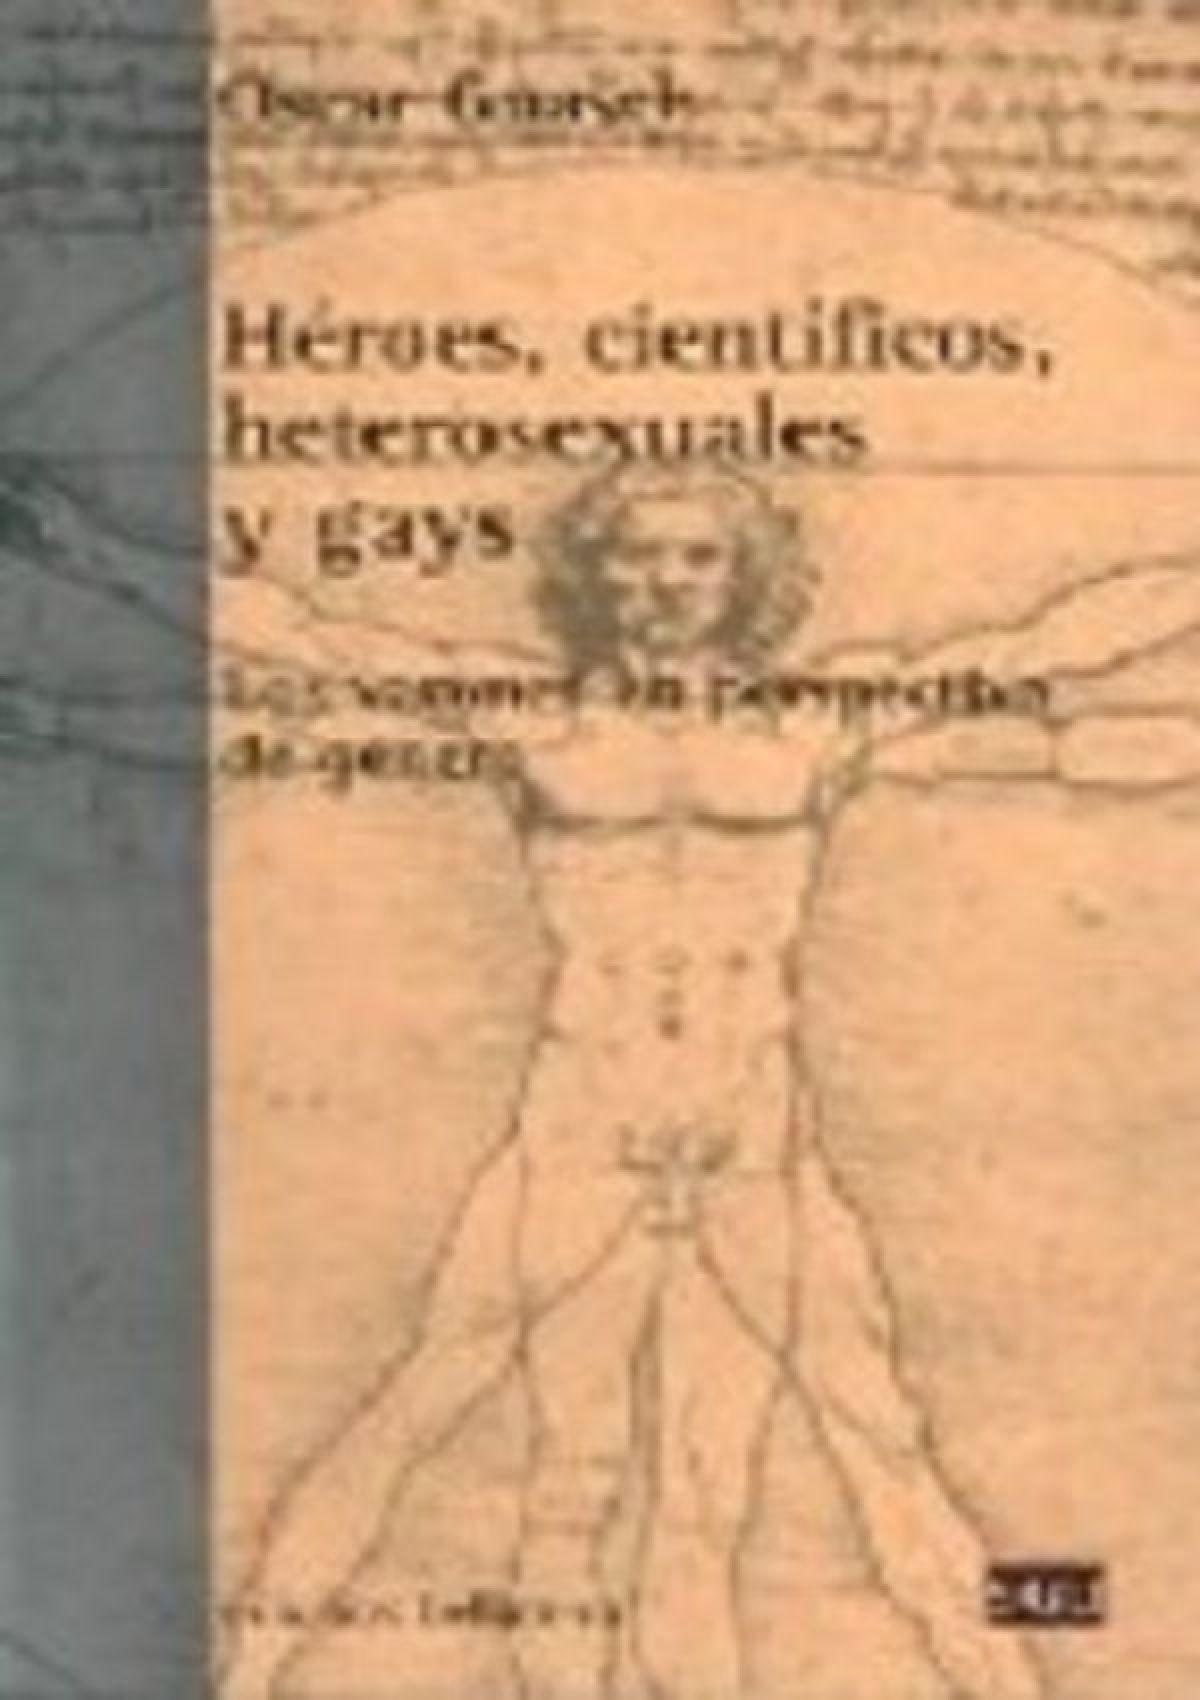 Héroes, científicos, heterosexuales y gays (Los varones en perspectiva de género)